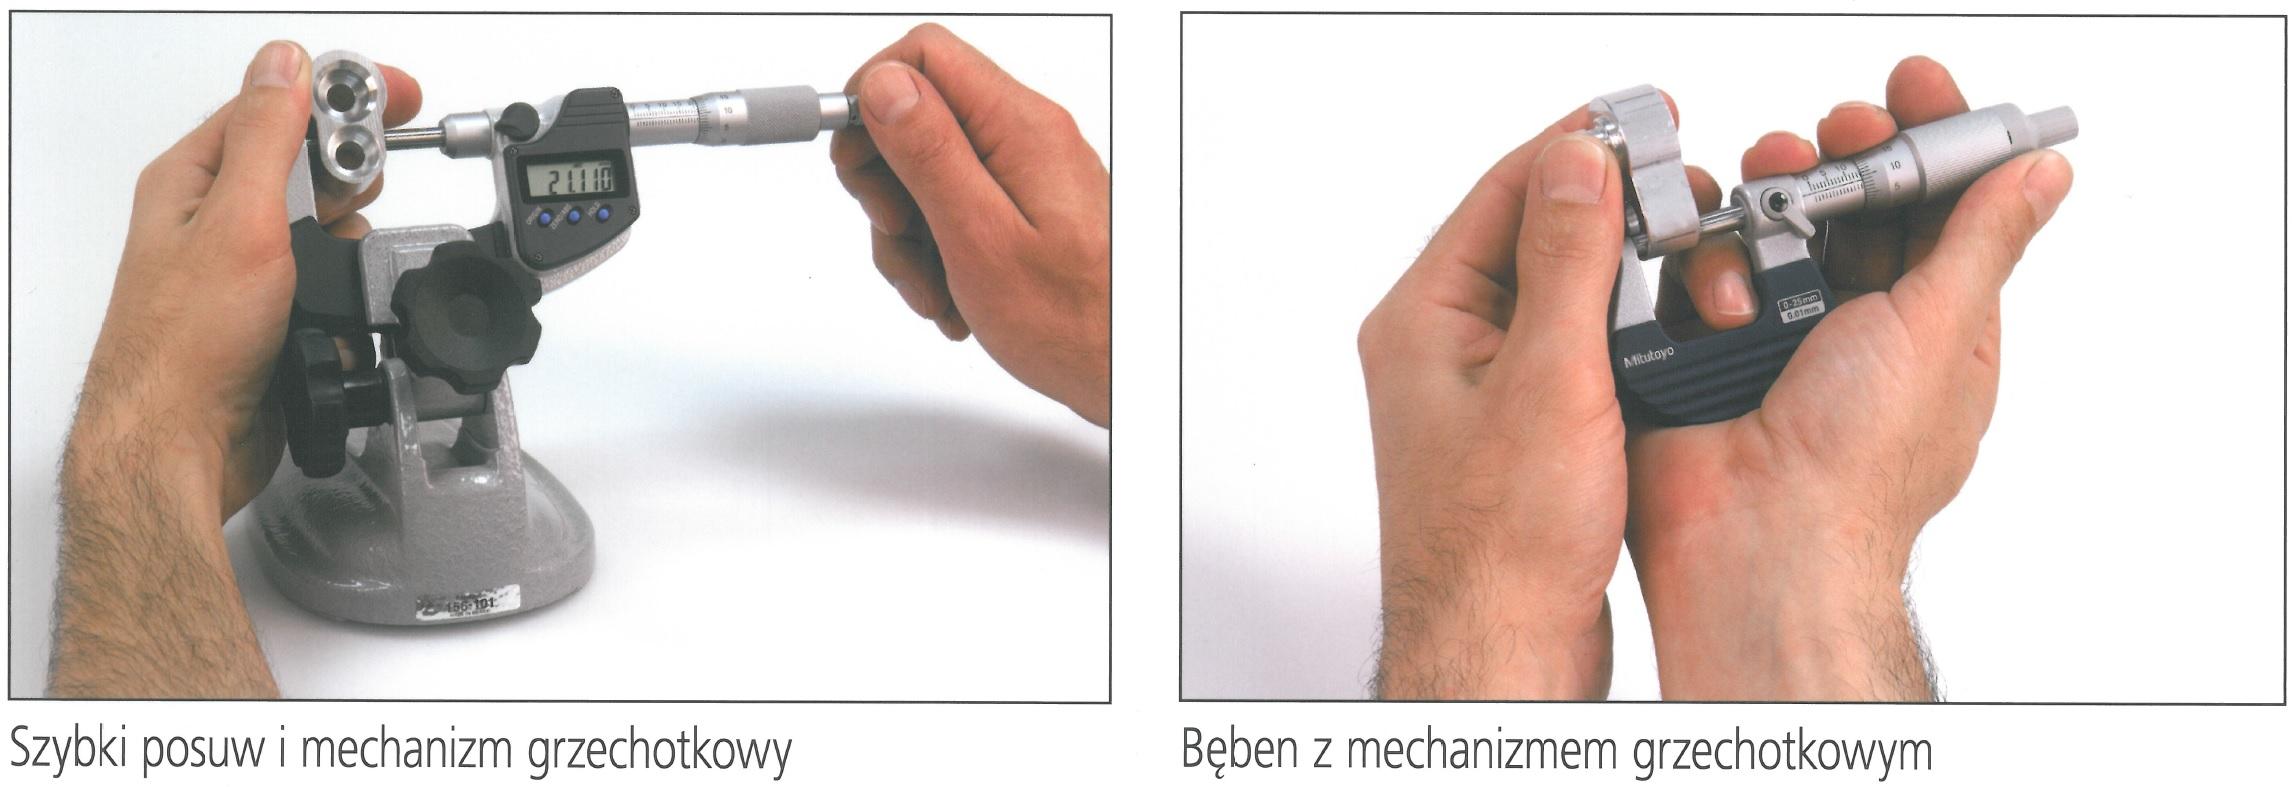 mikrometr_pomiarowy_bęben_mechanizm_grzechotkowy